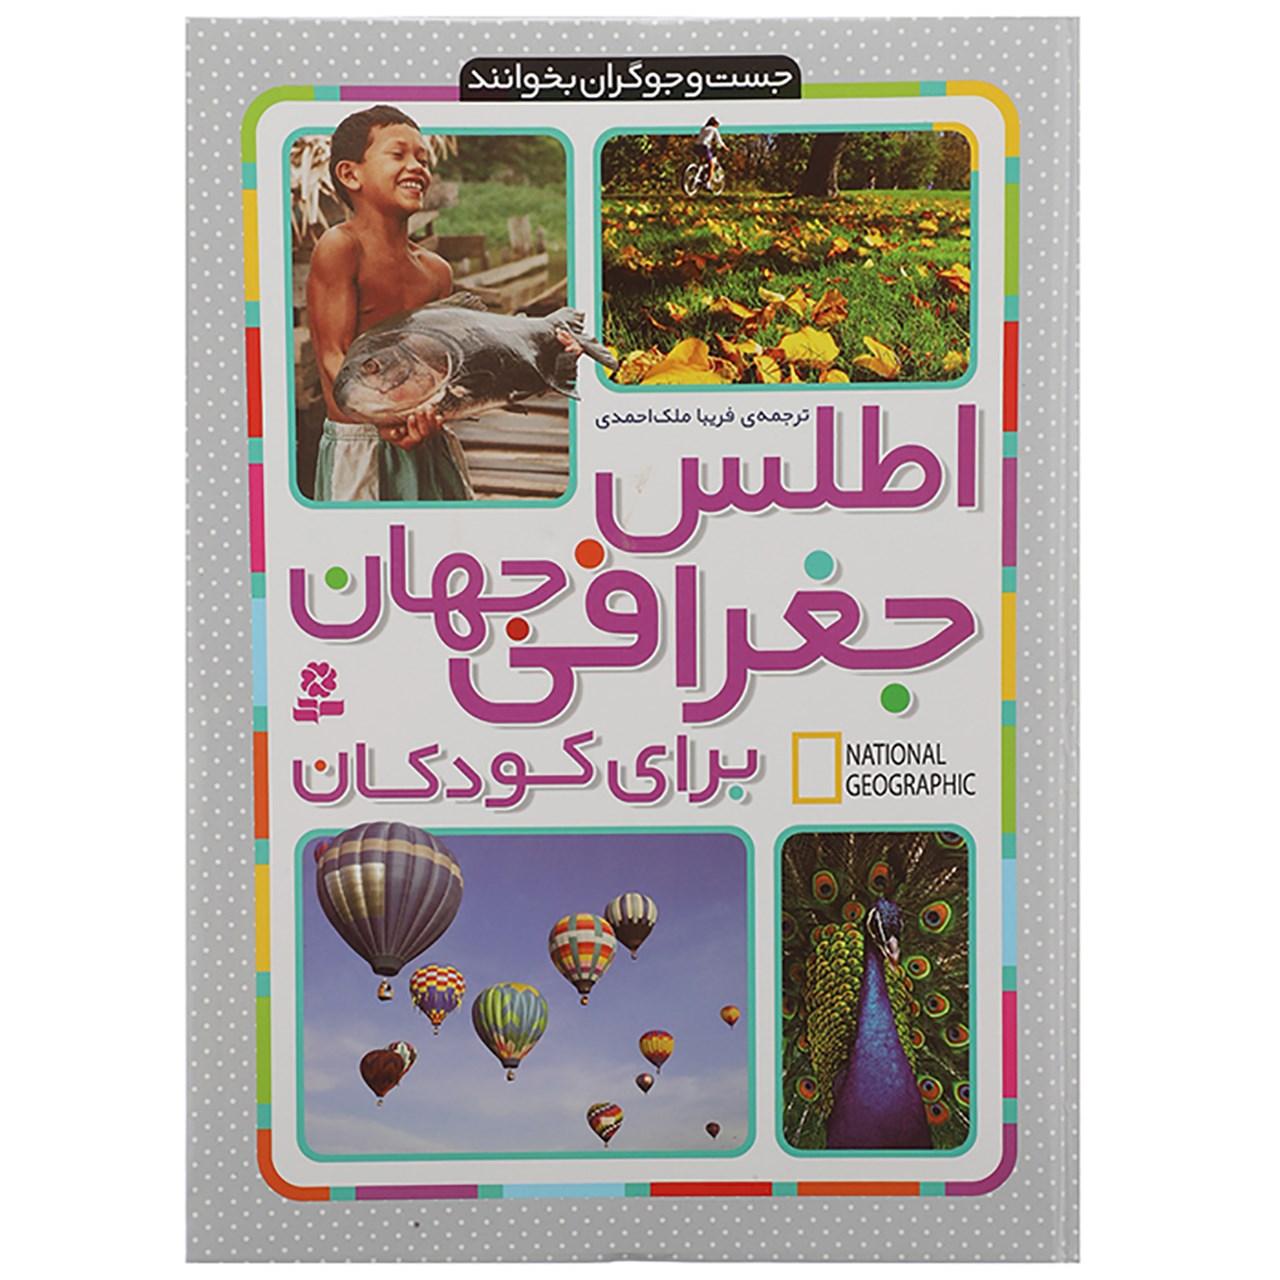 کتاب اطلس جغرافی جهان برای کودکان اثر جمعی از نویسندگان